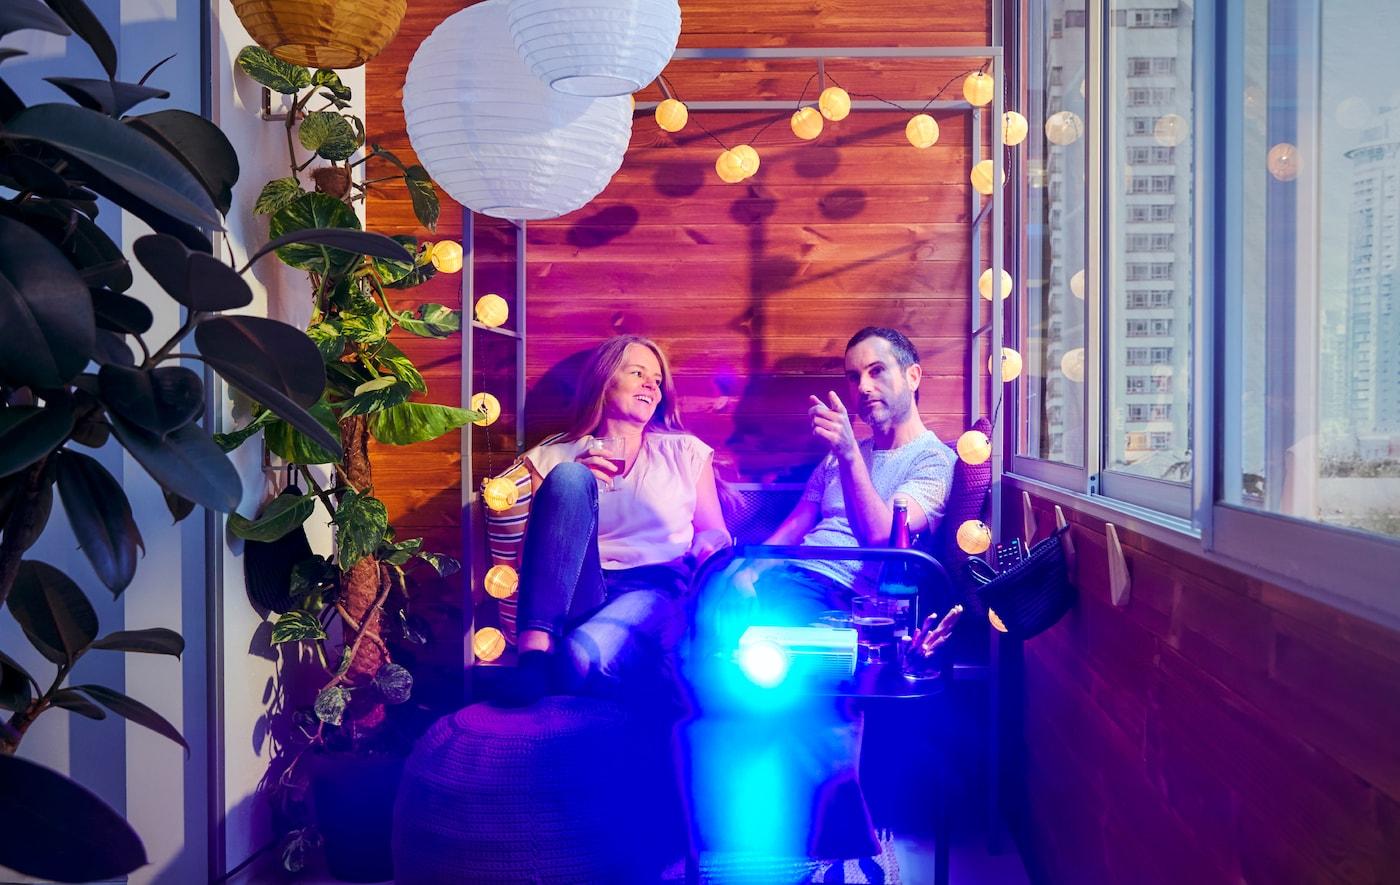 Sur un balcon, une femme et un homme assis sur un banc tonnelle, avec un projecteur allumé sur une table d'appoint devant eux.